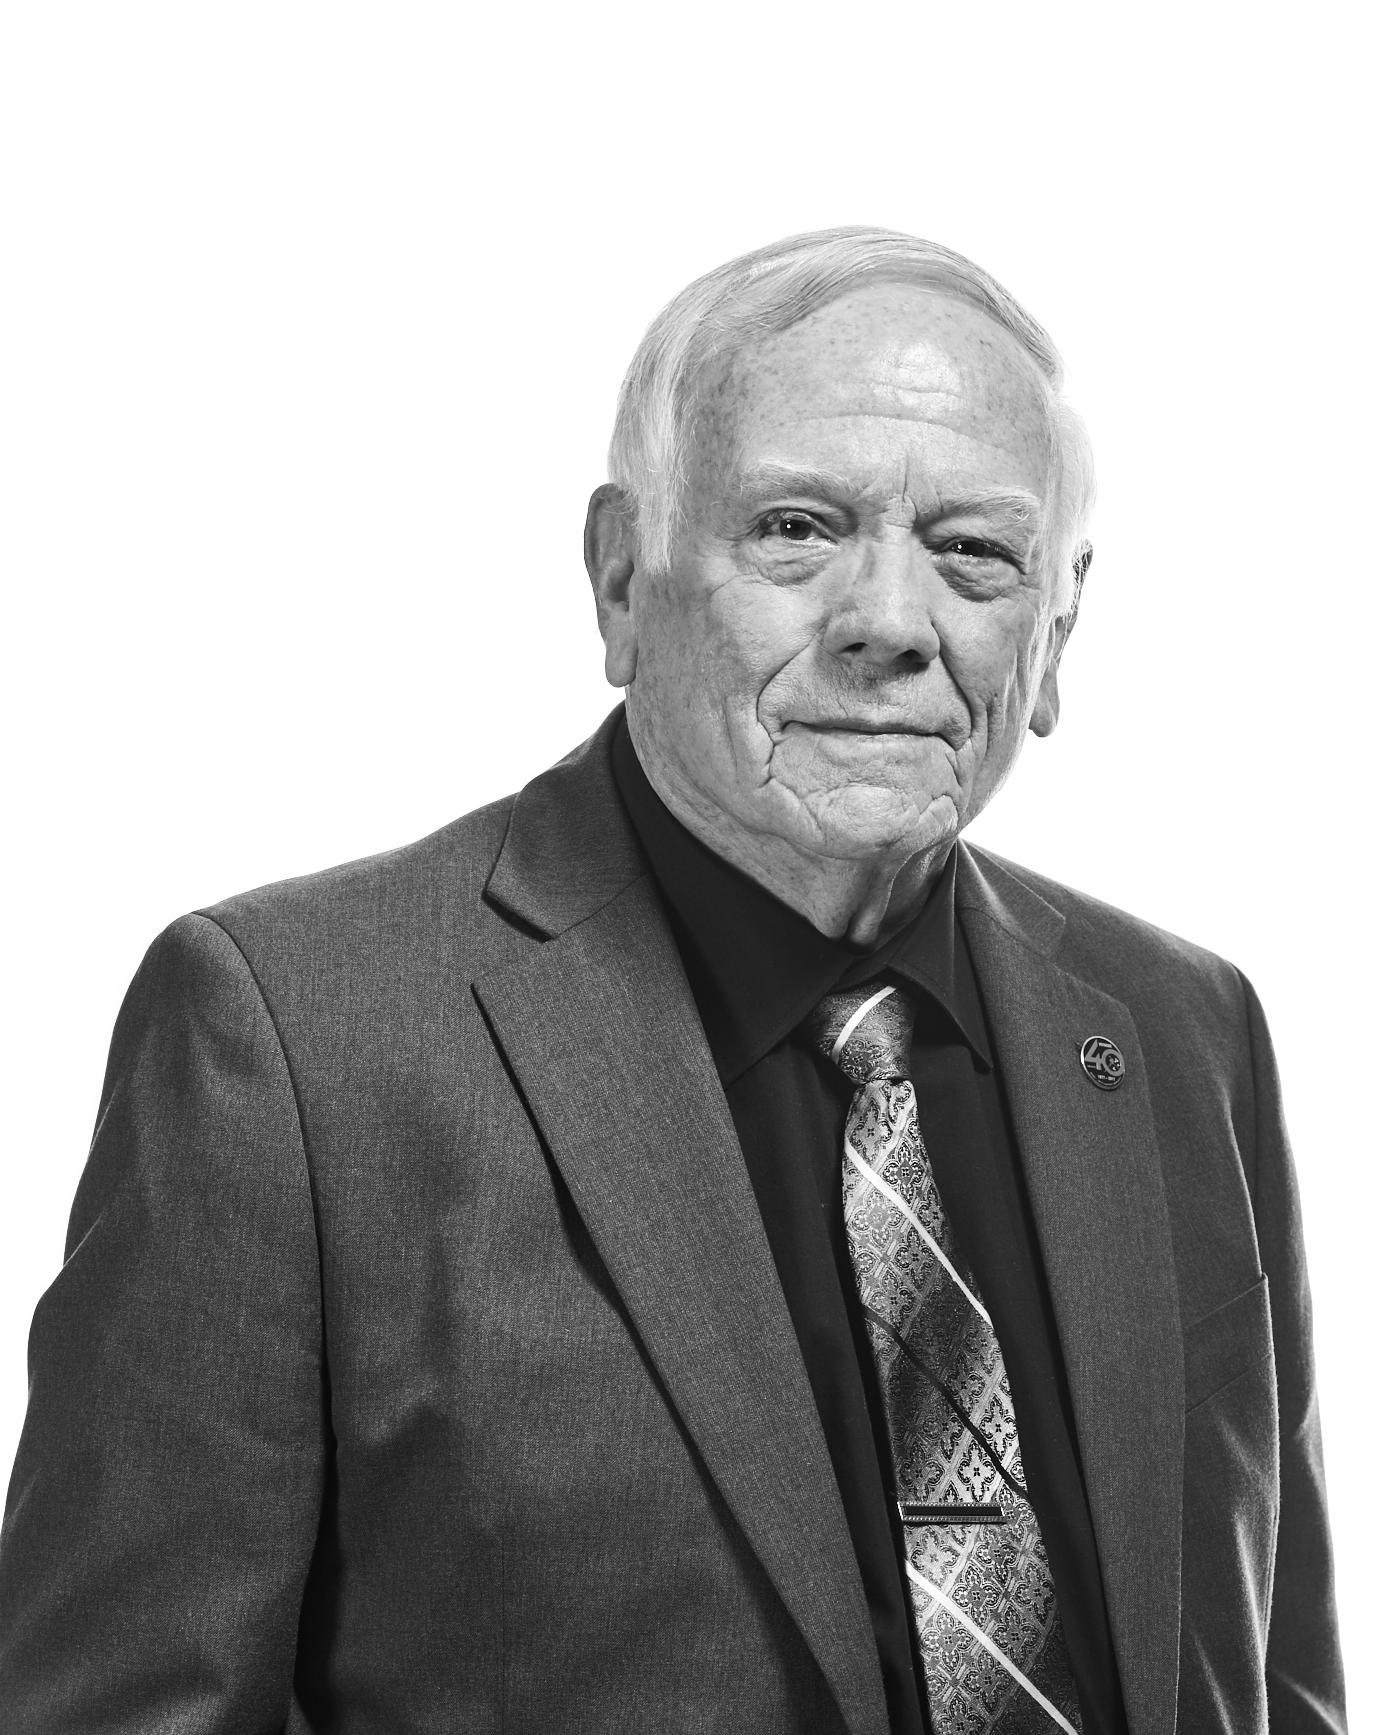 Gary A. Flandro